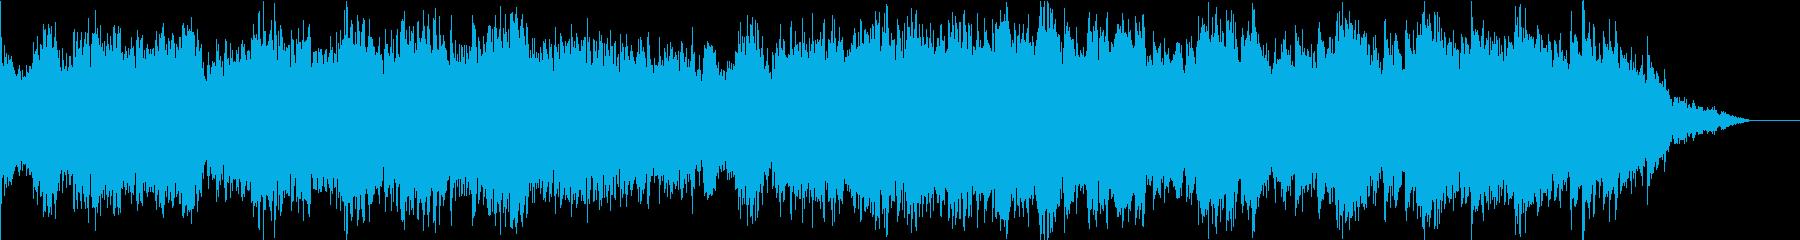 アラベスク1番 DreamMIXの再生済みの波形